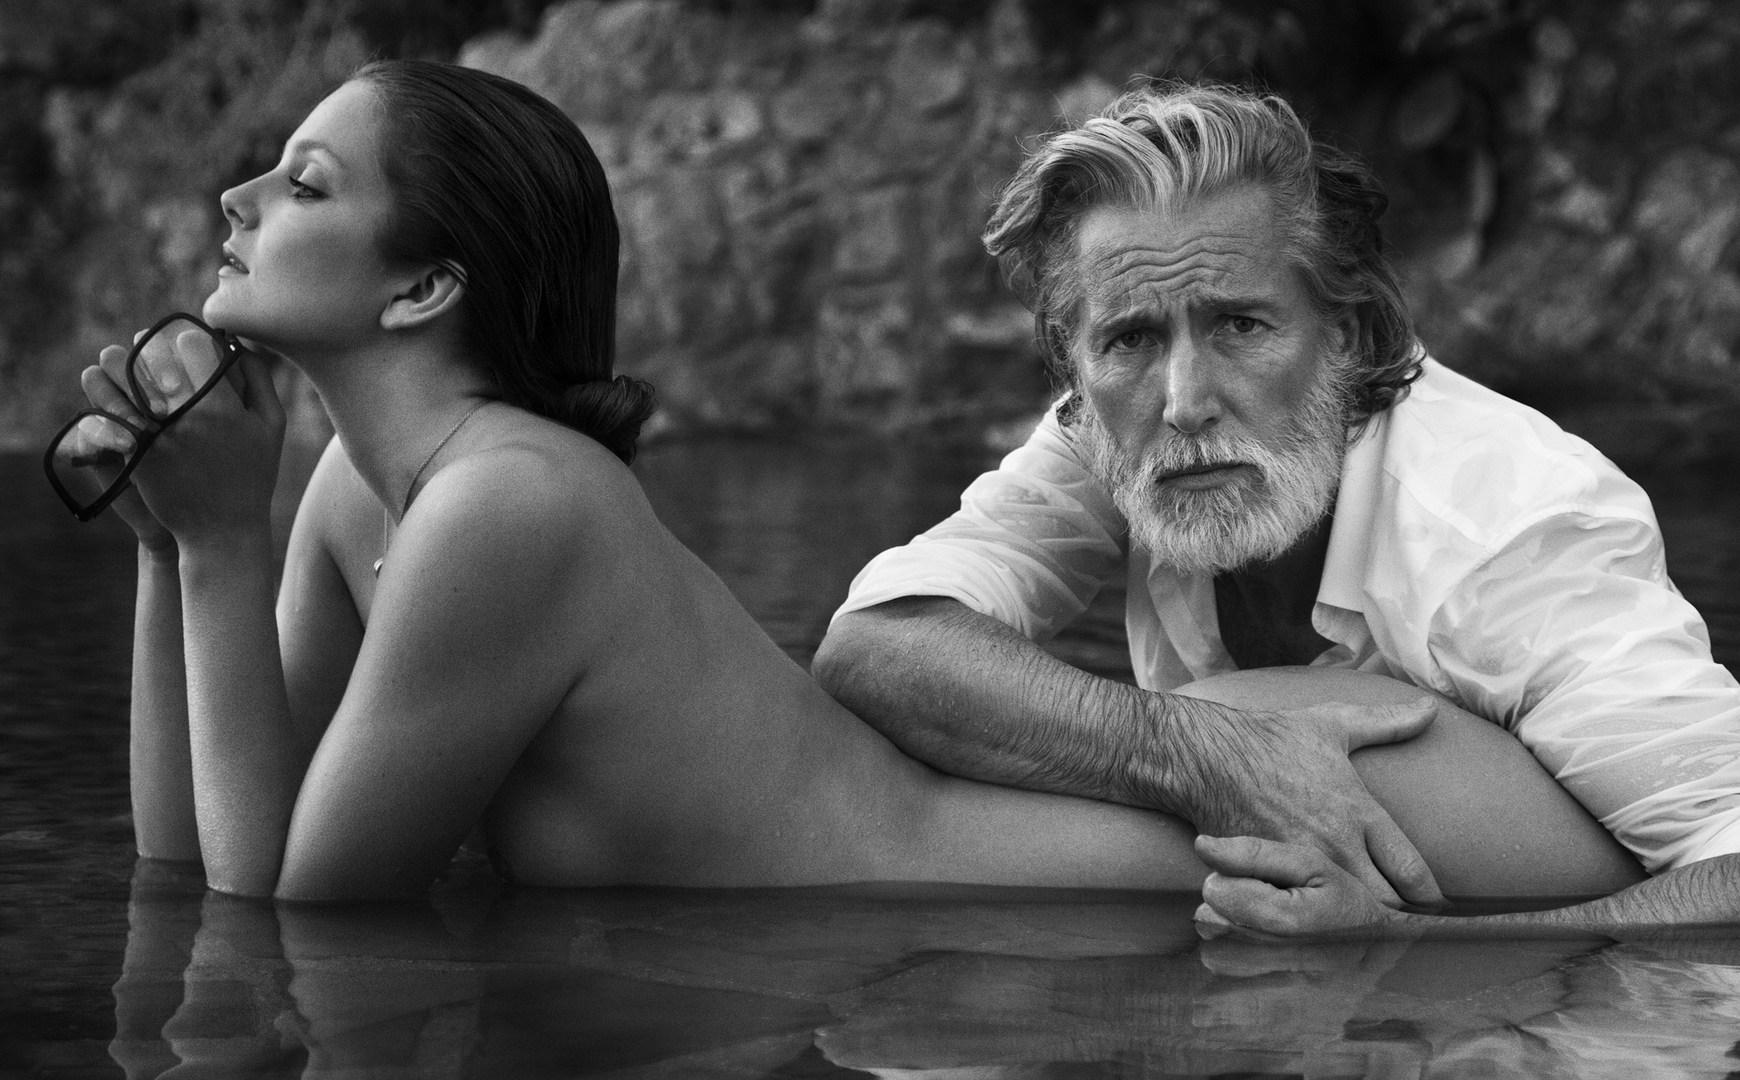 Старики и женшины секс фото 26 фотография